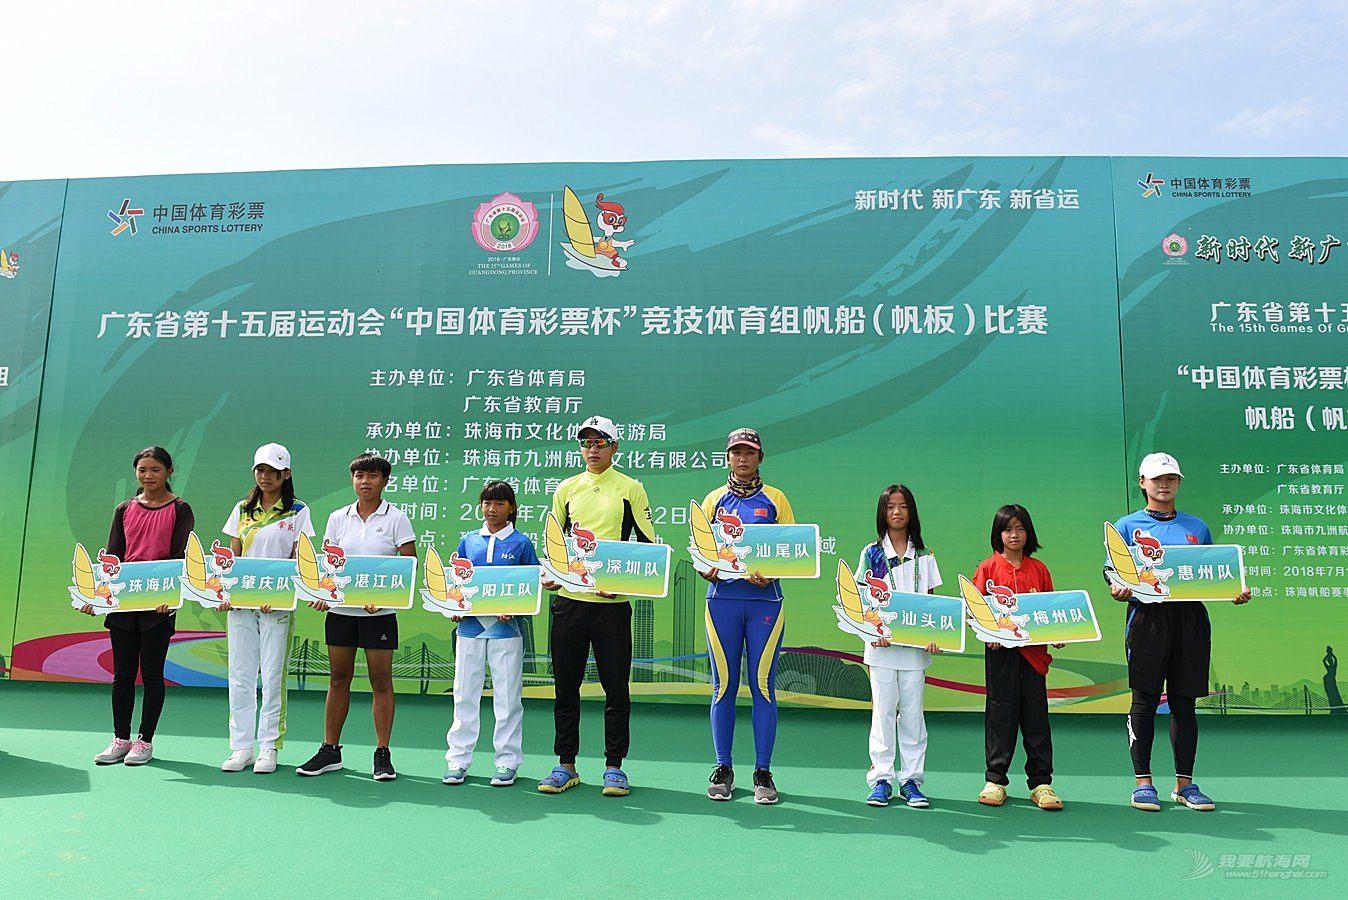 2018广东省运动会帆船帆板比赛-2018-07-17运动员(一)